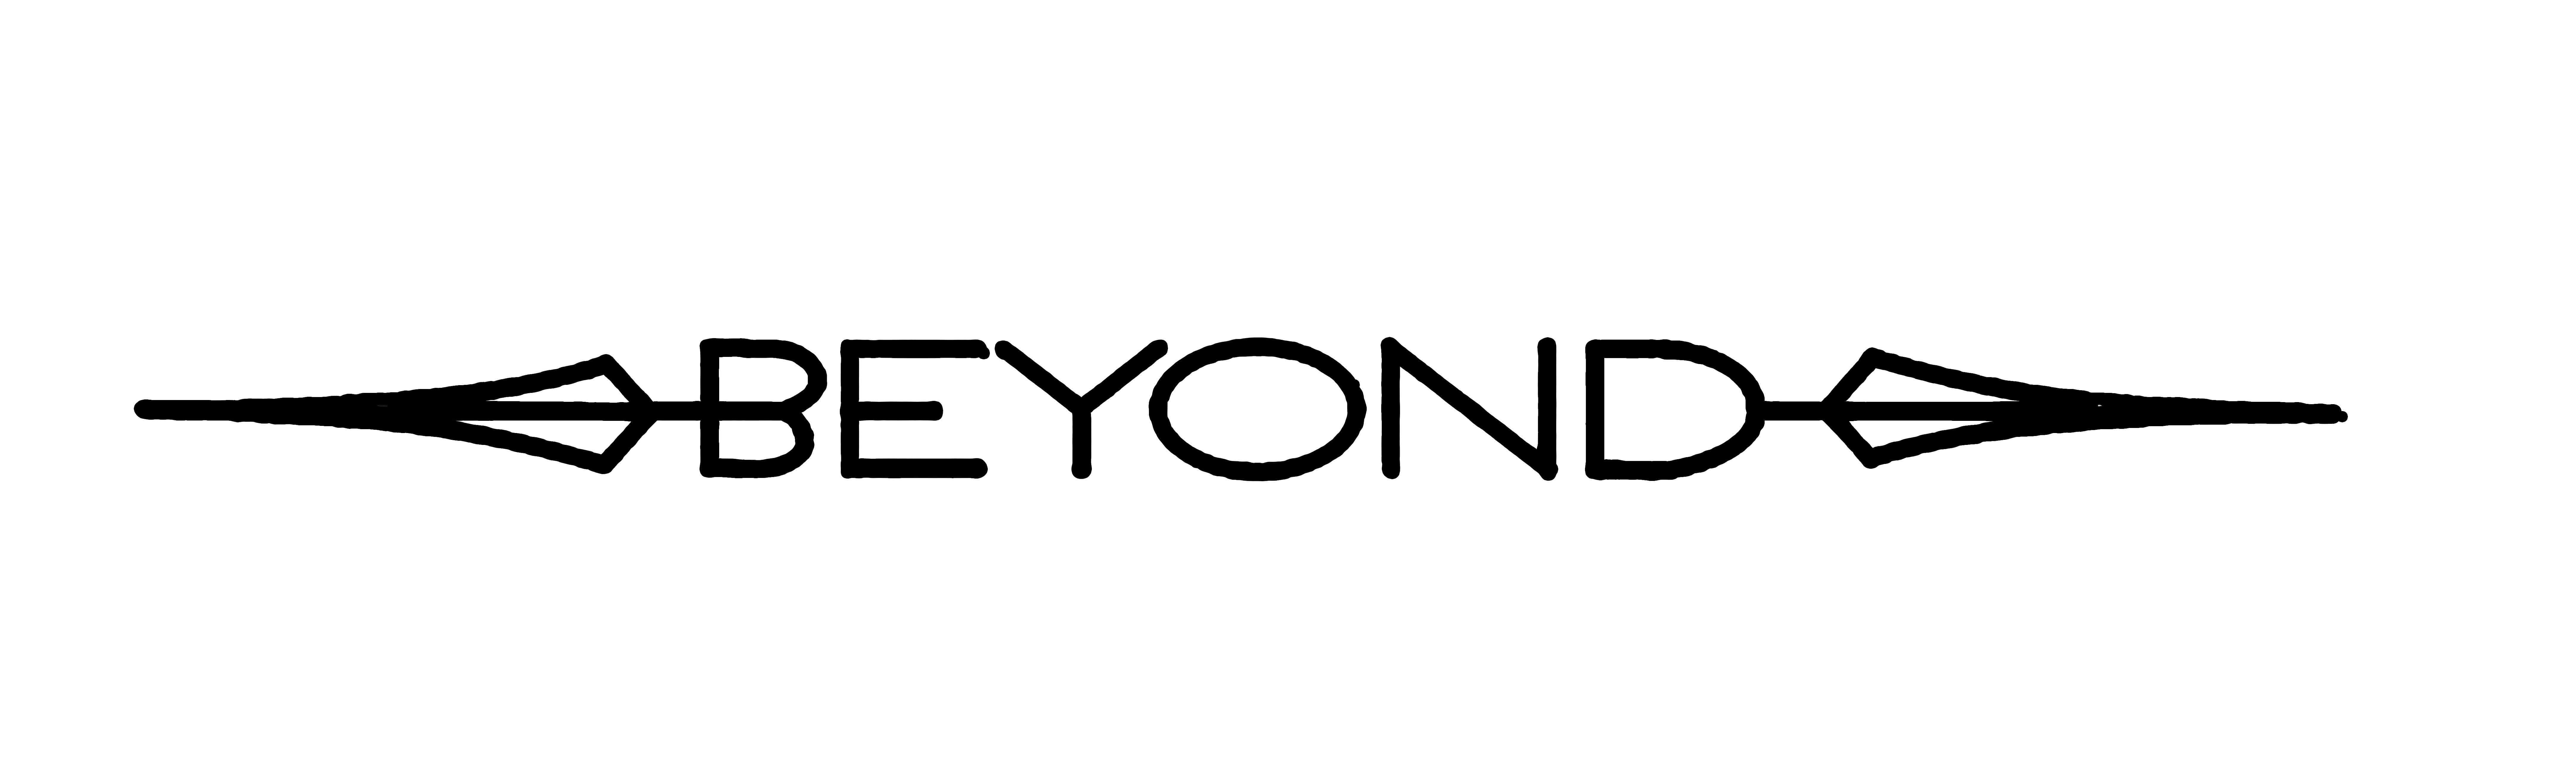 BEYOND EYEWEAR